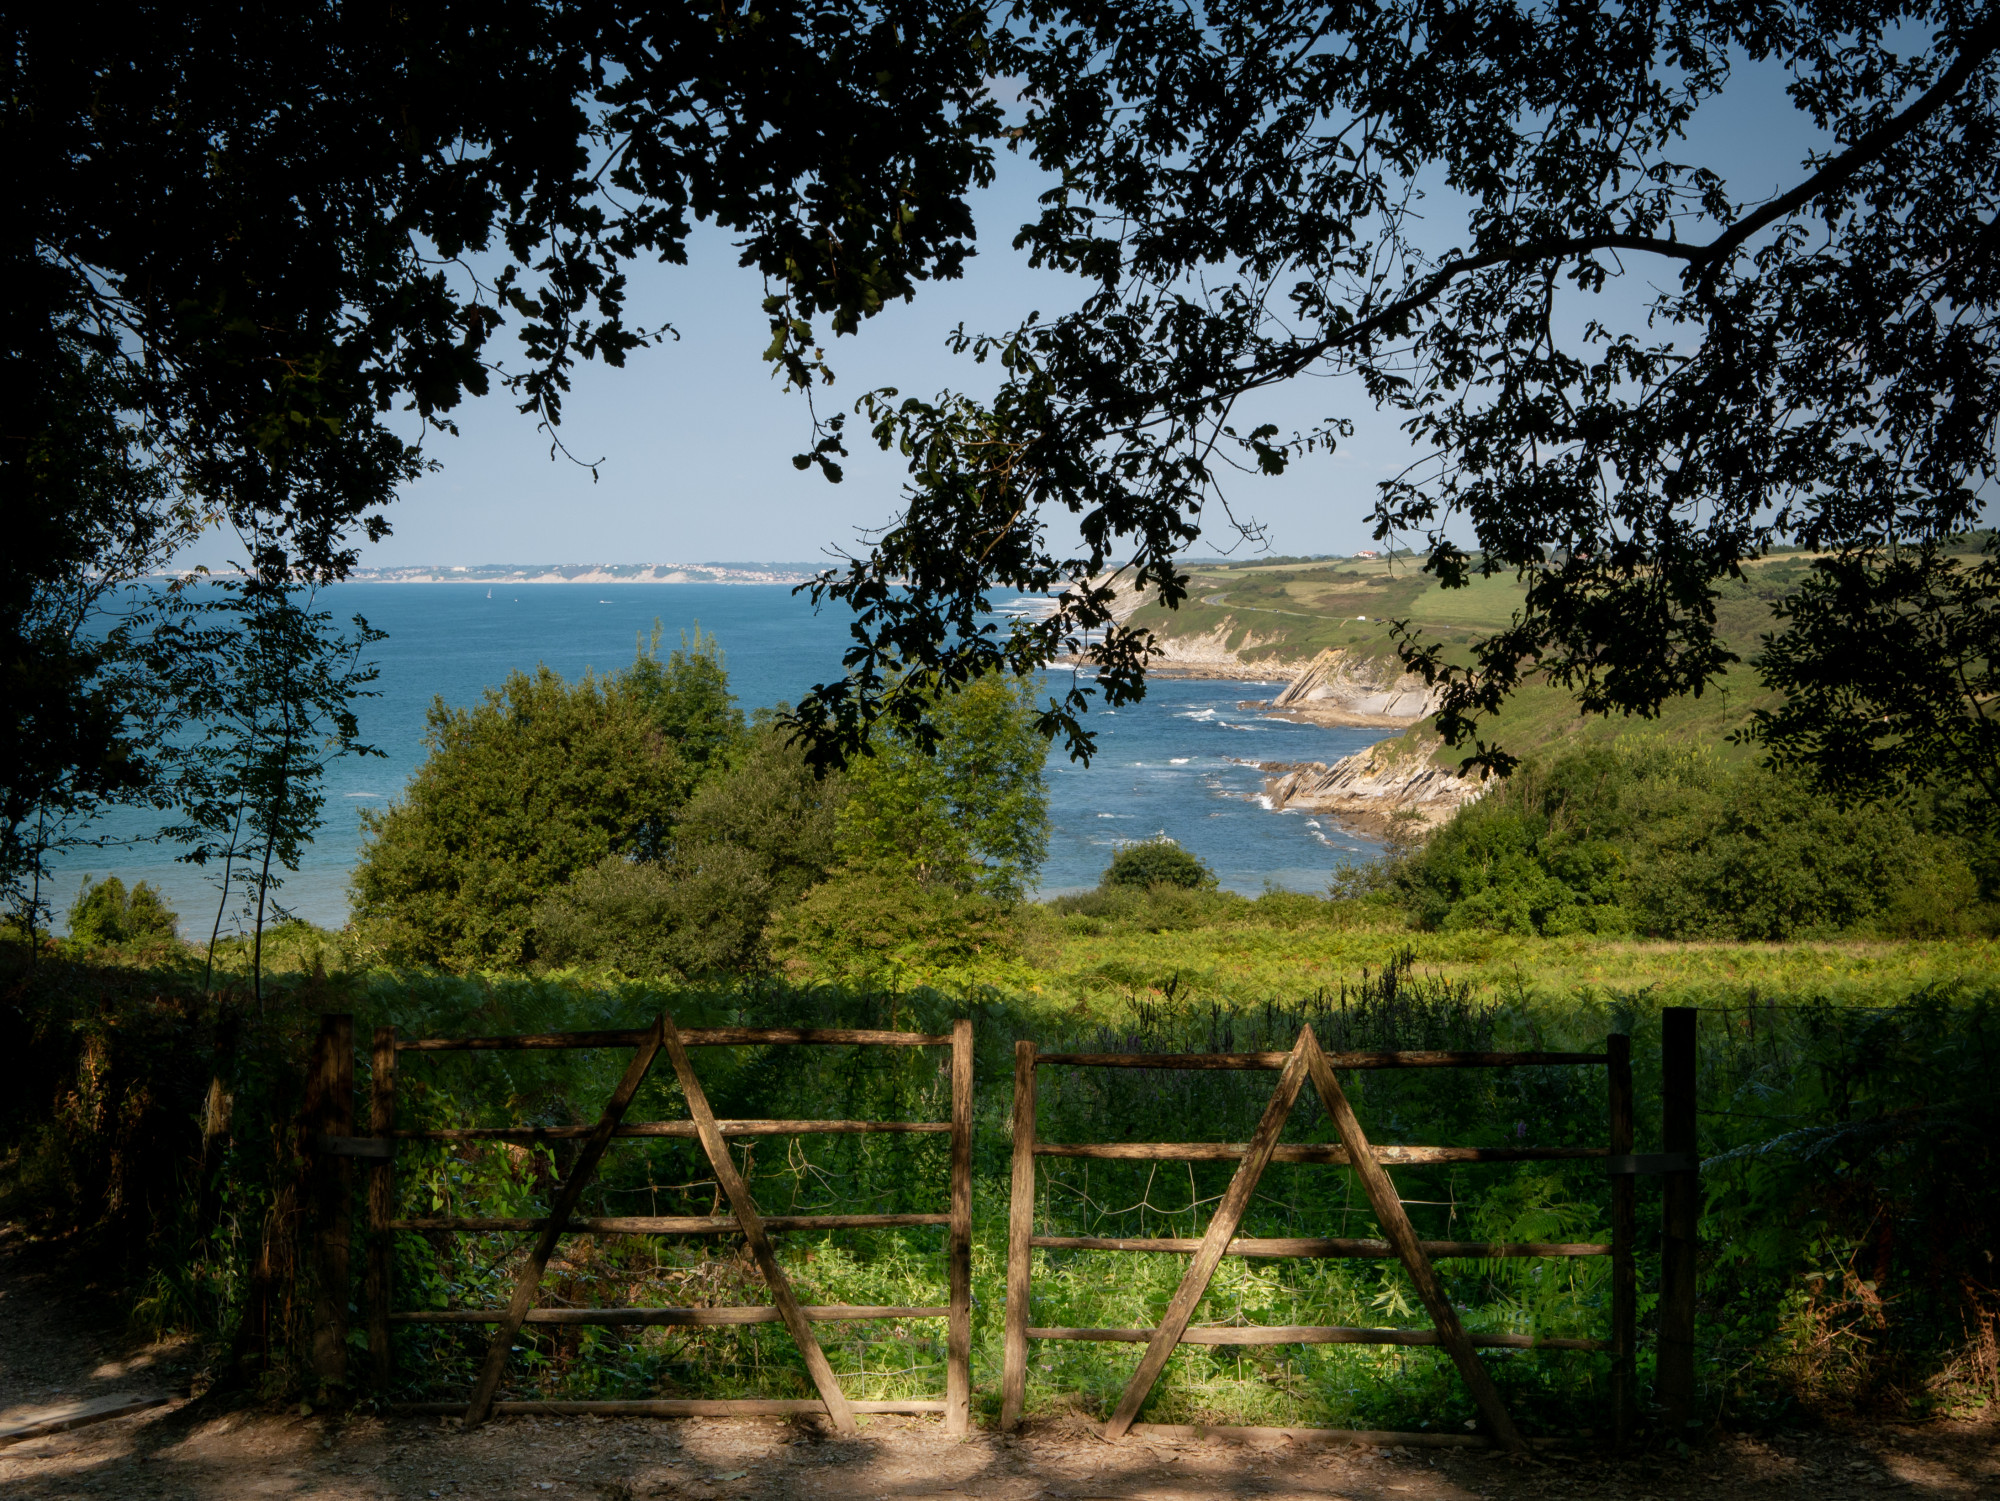 Parc du chteau-observatoire Abbadia, Hendaye, France - Pays Basque, France & Espagne